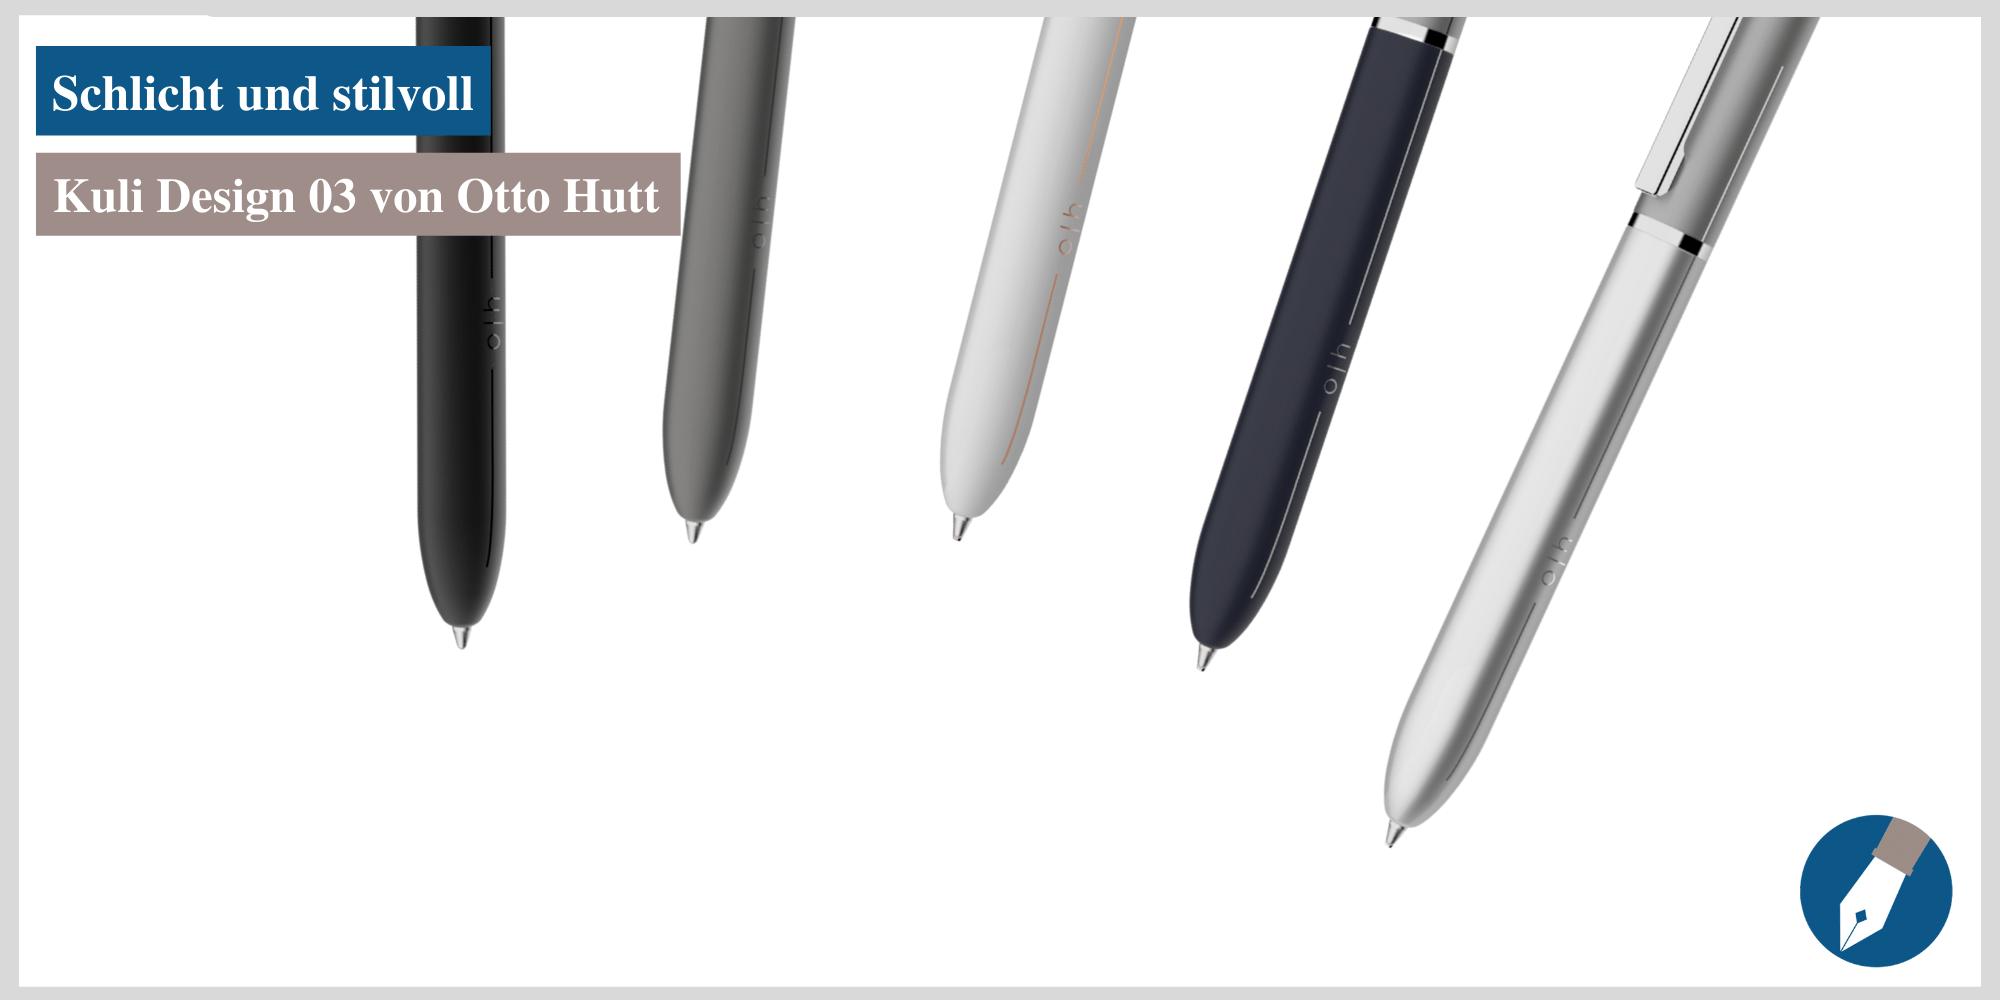 Der Kugelschreiber Design 03 von Otto Hutt ist jetzt auch in Köln erhältlich.